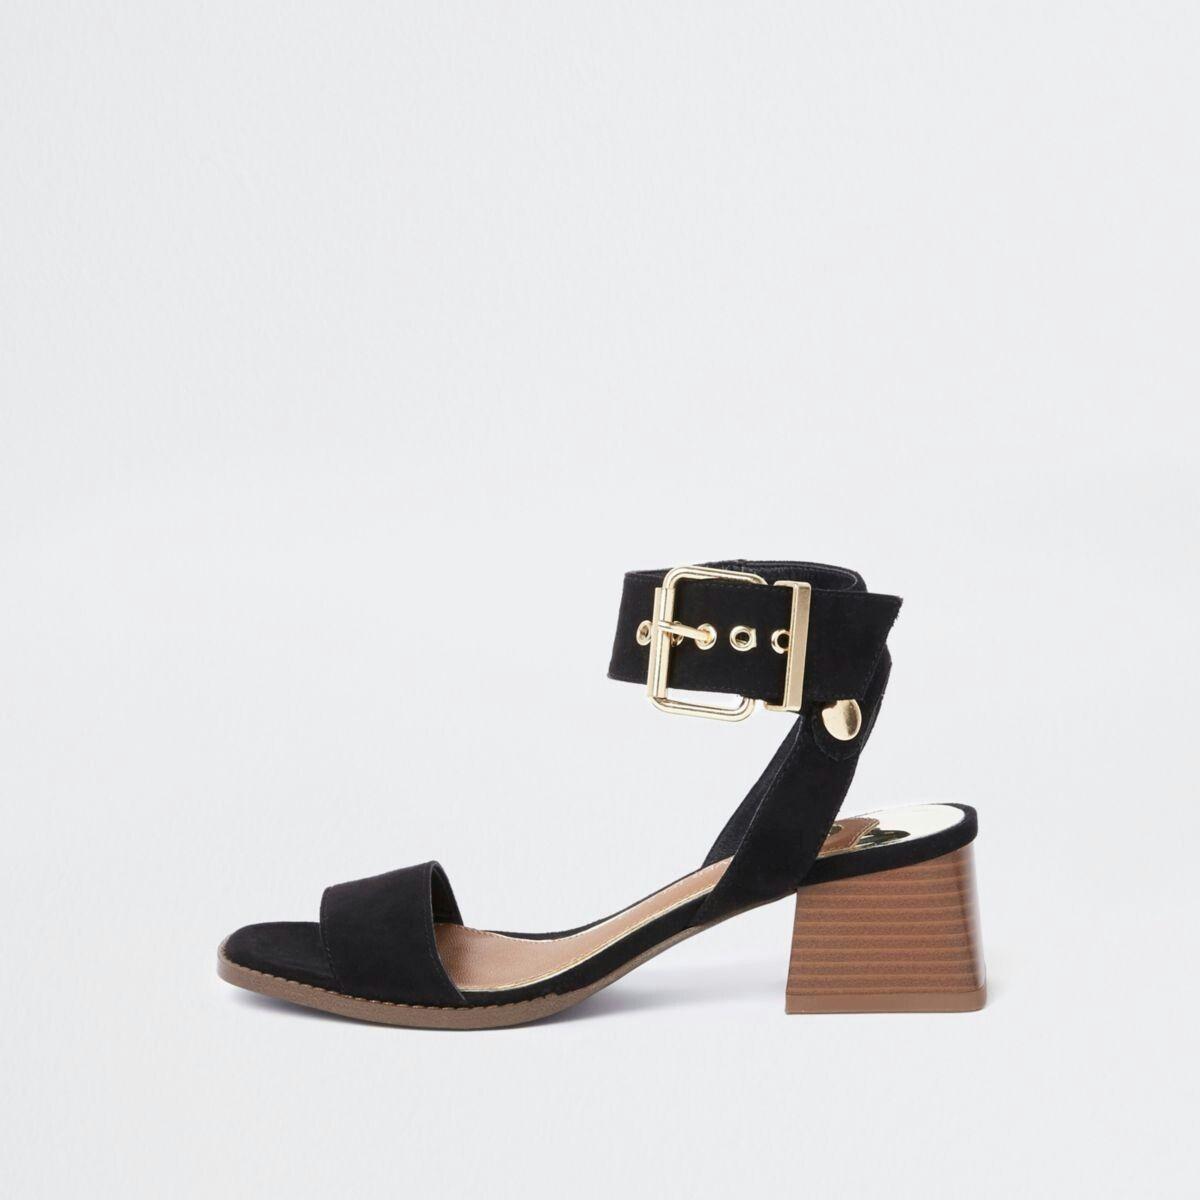 ddb2c2ea015 Black two part block heel sandals